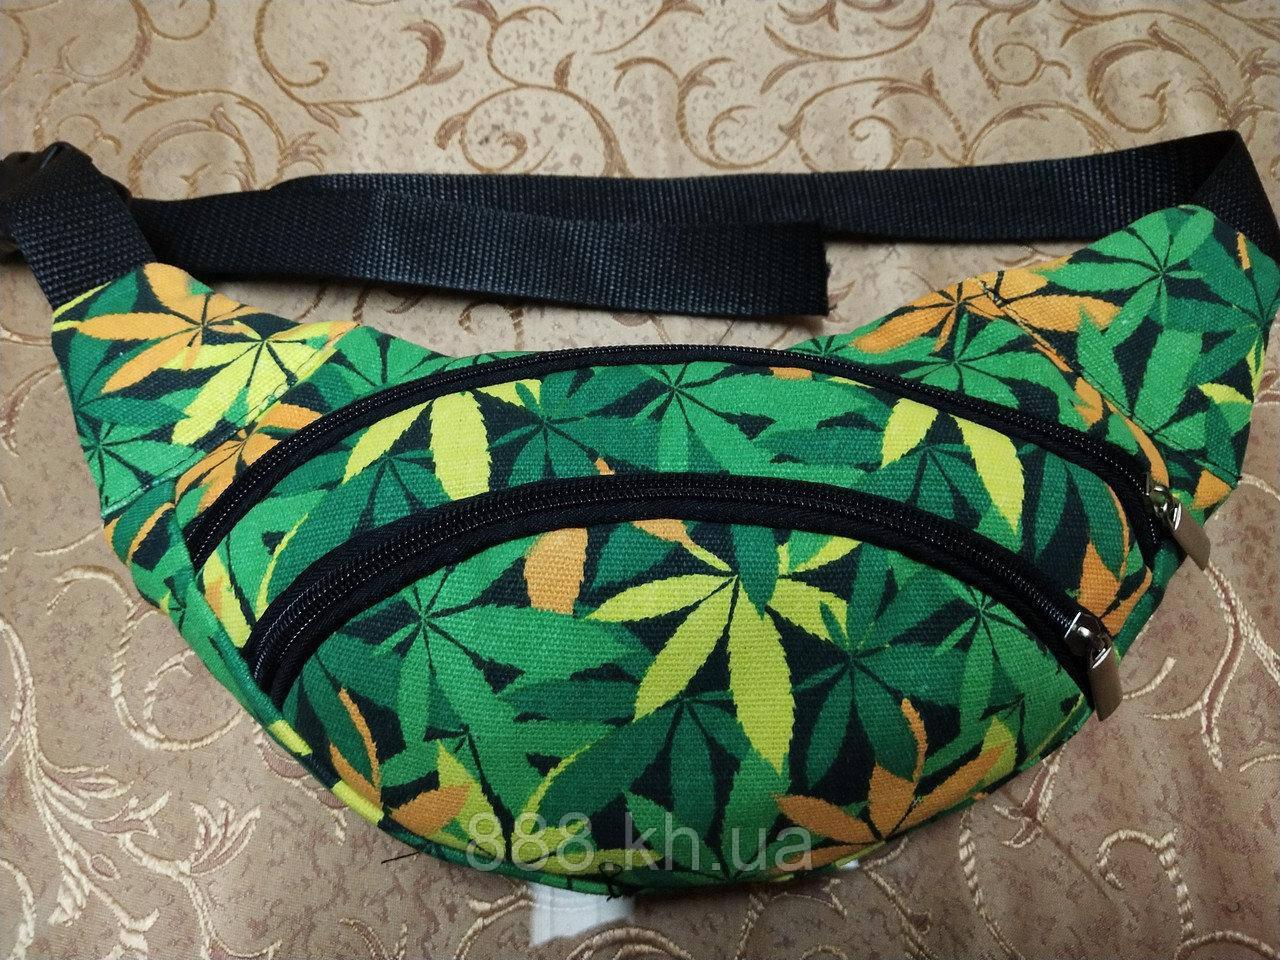 Поясная сумка принт мужская/женская, молодежная бананка на пояс, сумка через плече, барыжка городская.